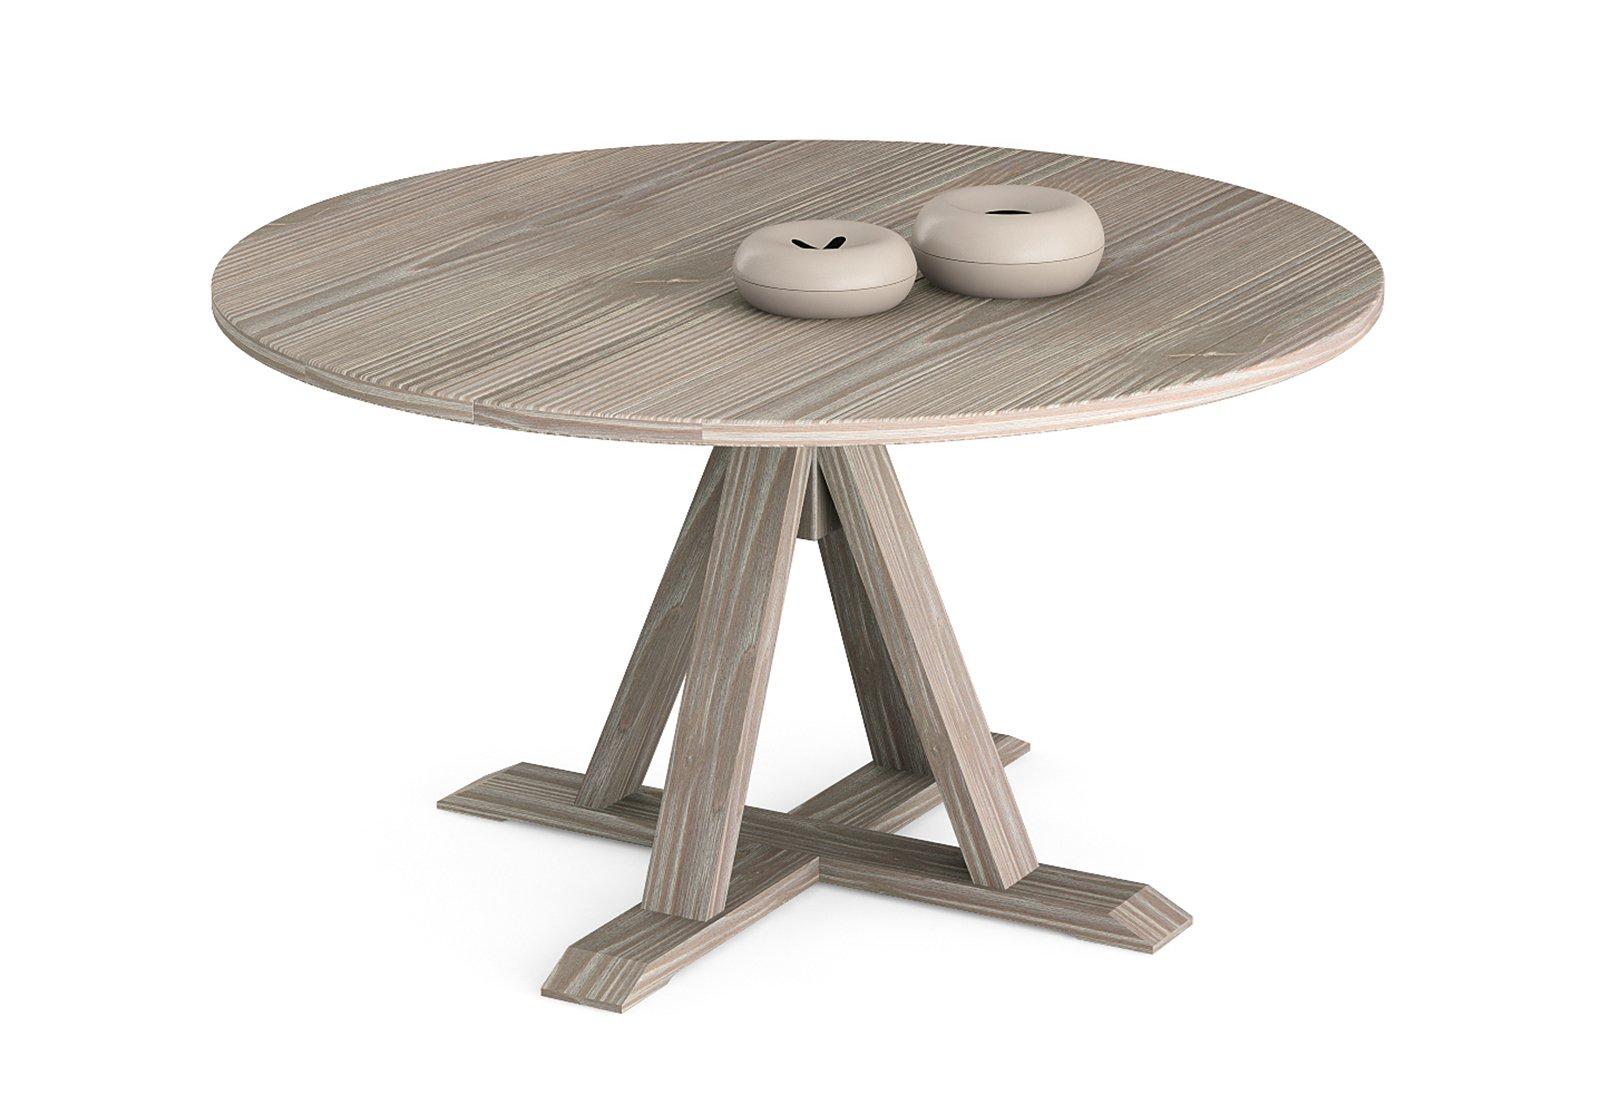 Tavoli con sostegno centrale cose di casa - Tavolo rotondo allungabile calligaris ...